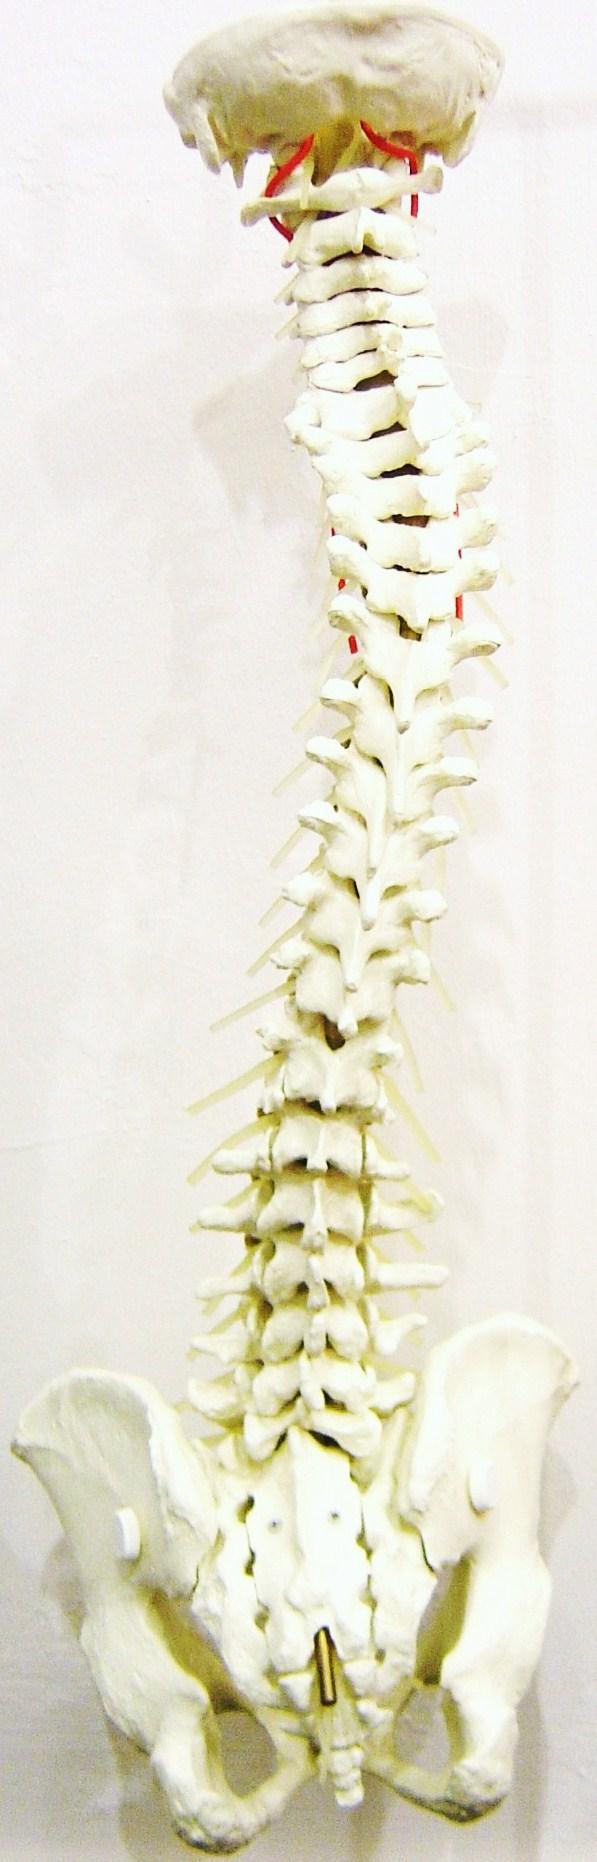 full spine 11255408 std